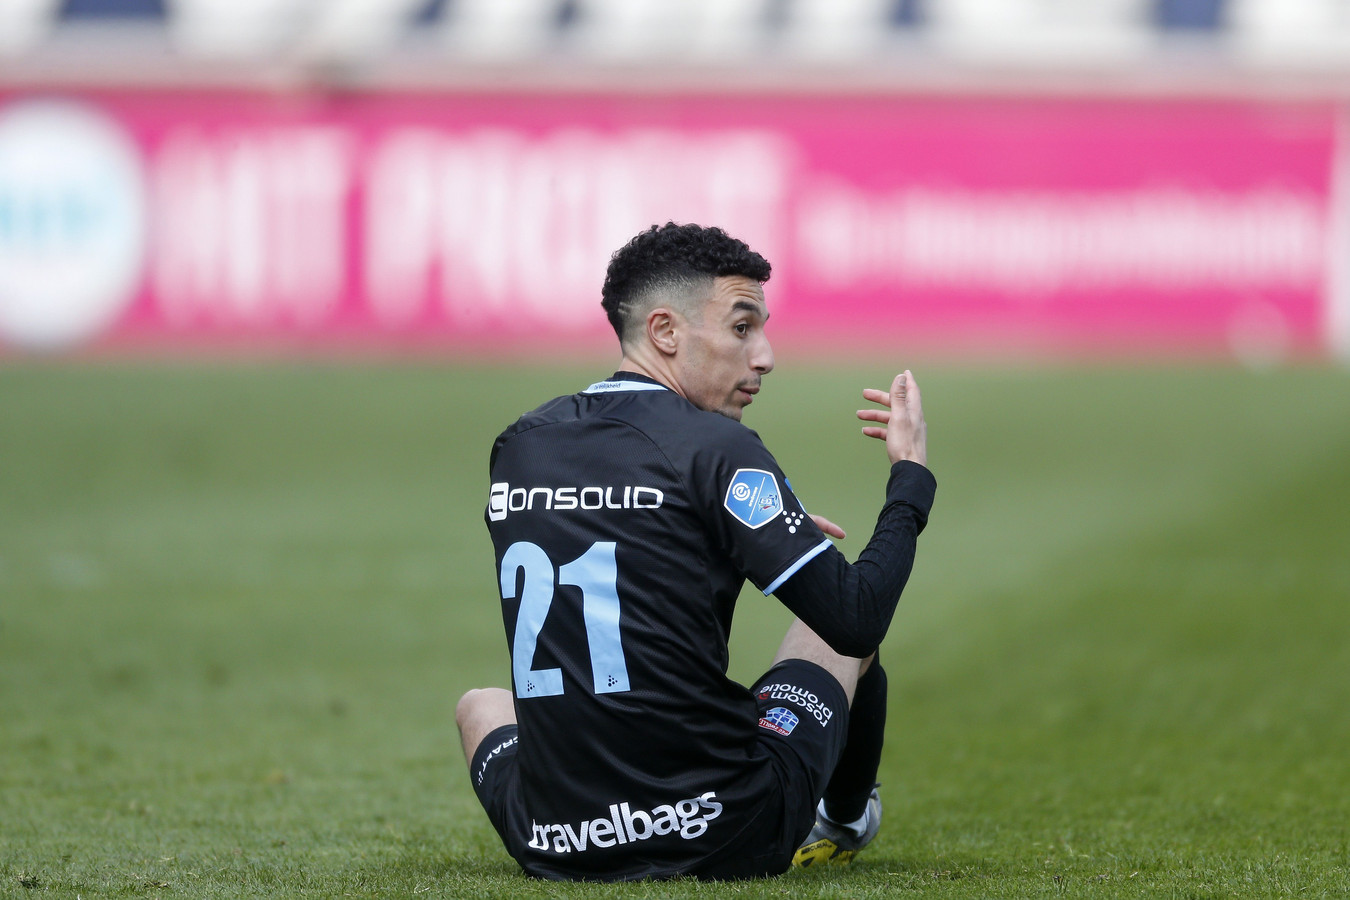 Pijnlijke middag voor PEC Zwolle in Tilburg, waar het eerst smaakmaker Namli ziet uitvallen, vervolgens op een 1-0 achterstand komt en voor rust ook Thomas Lam nog geblesseerd ziet afhaken.